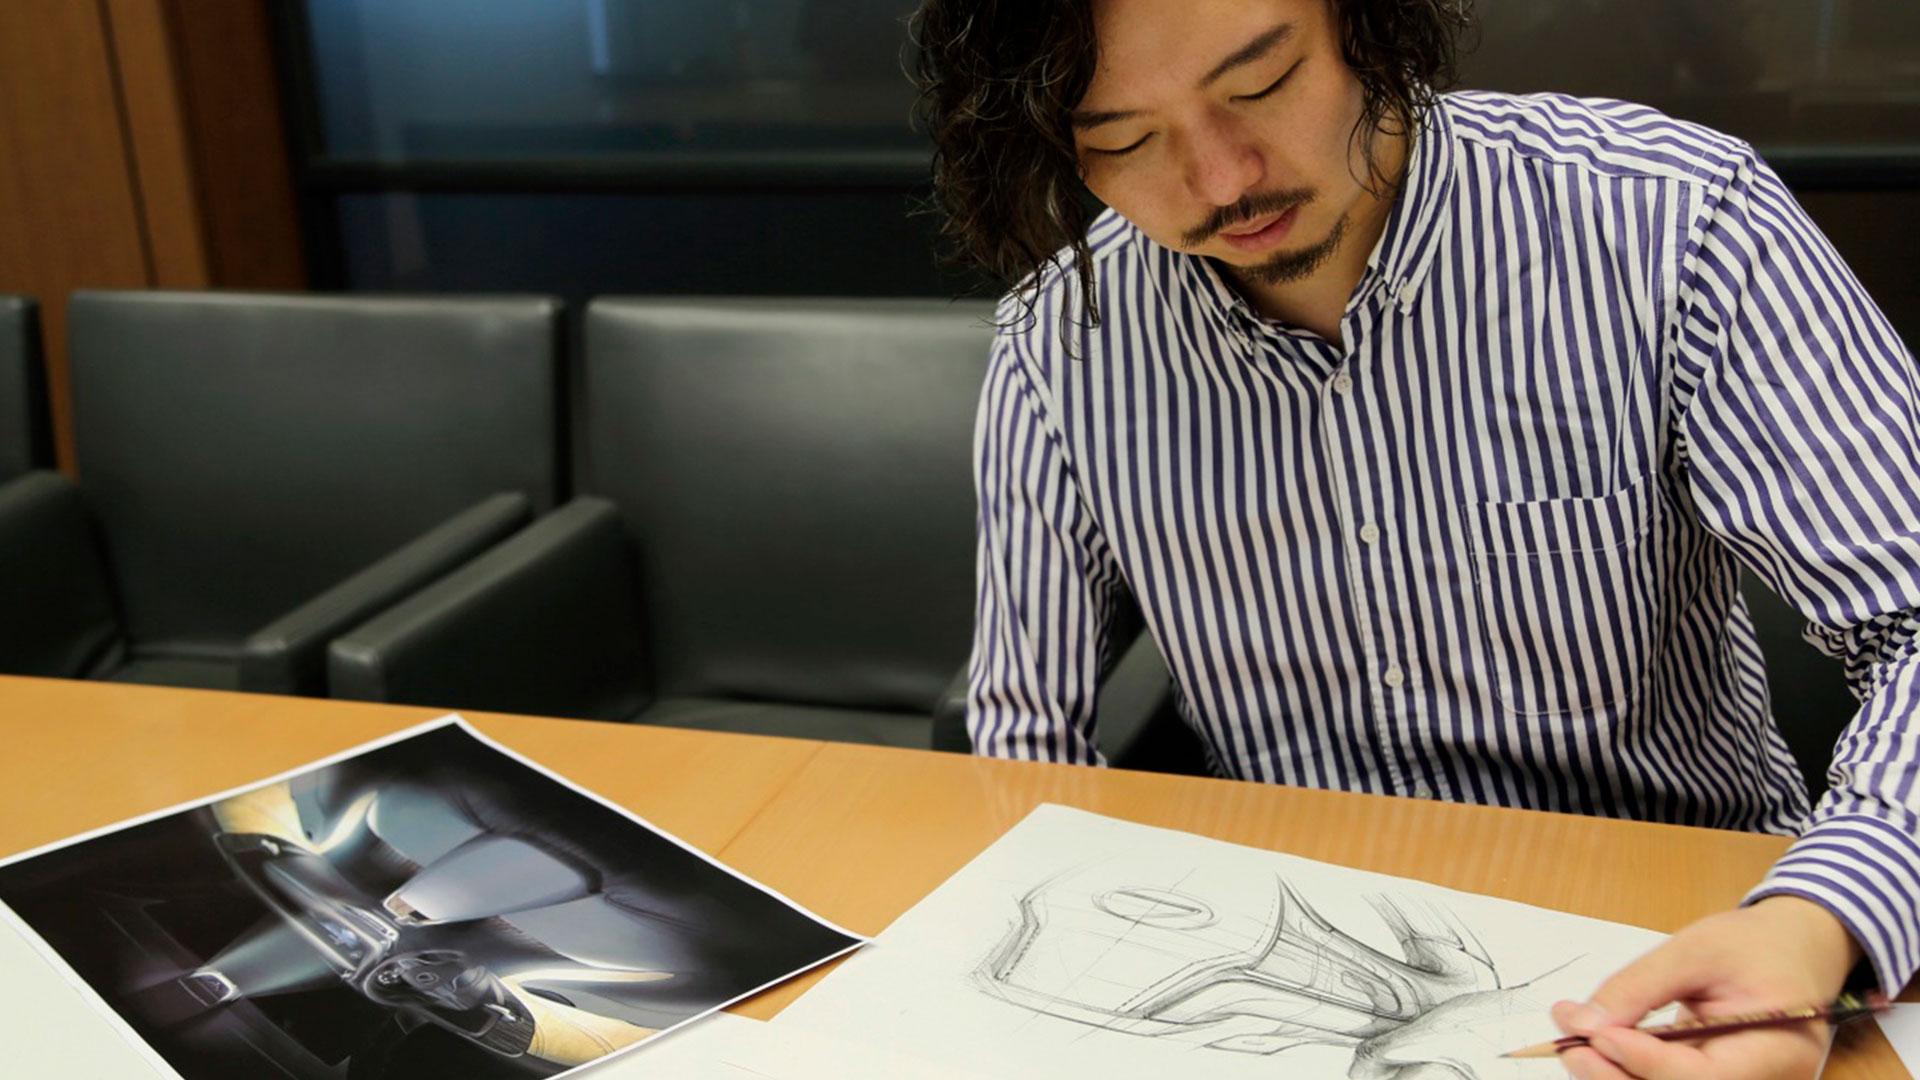 Keitarou Hinoue hero asset